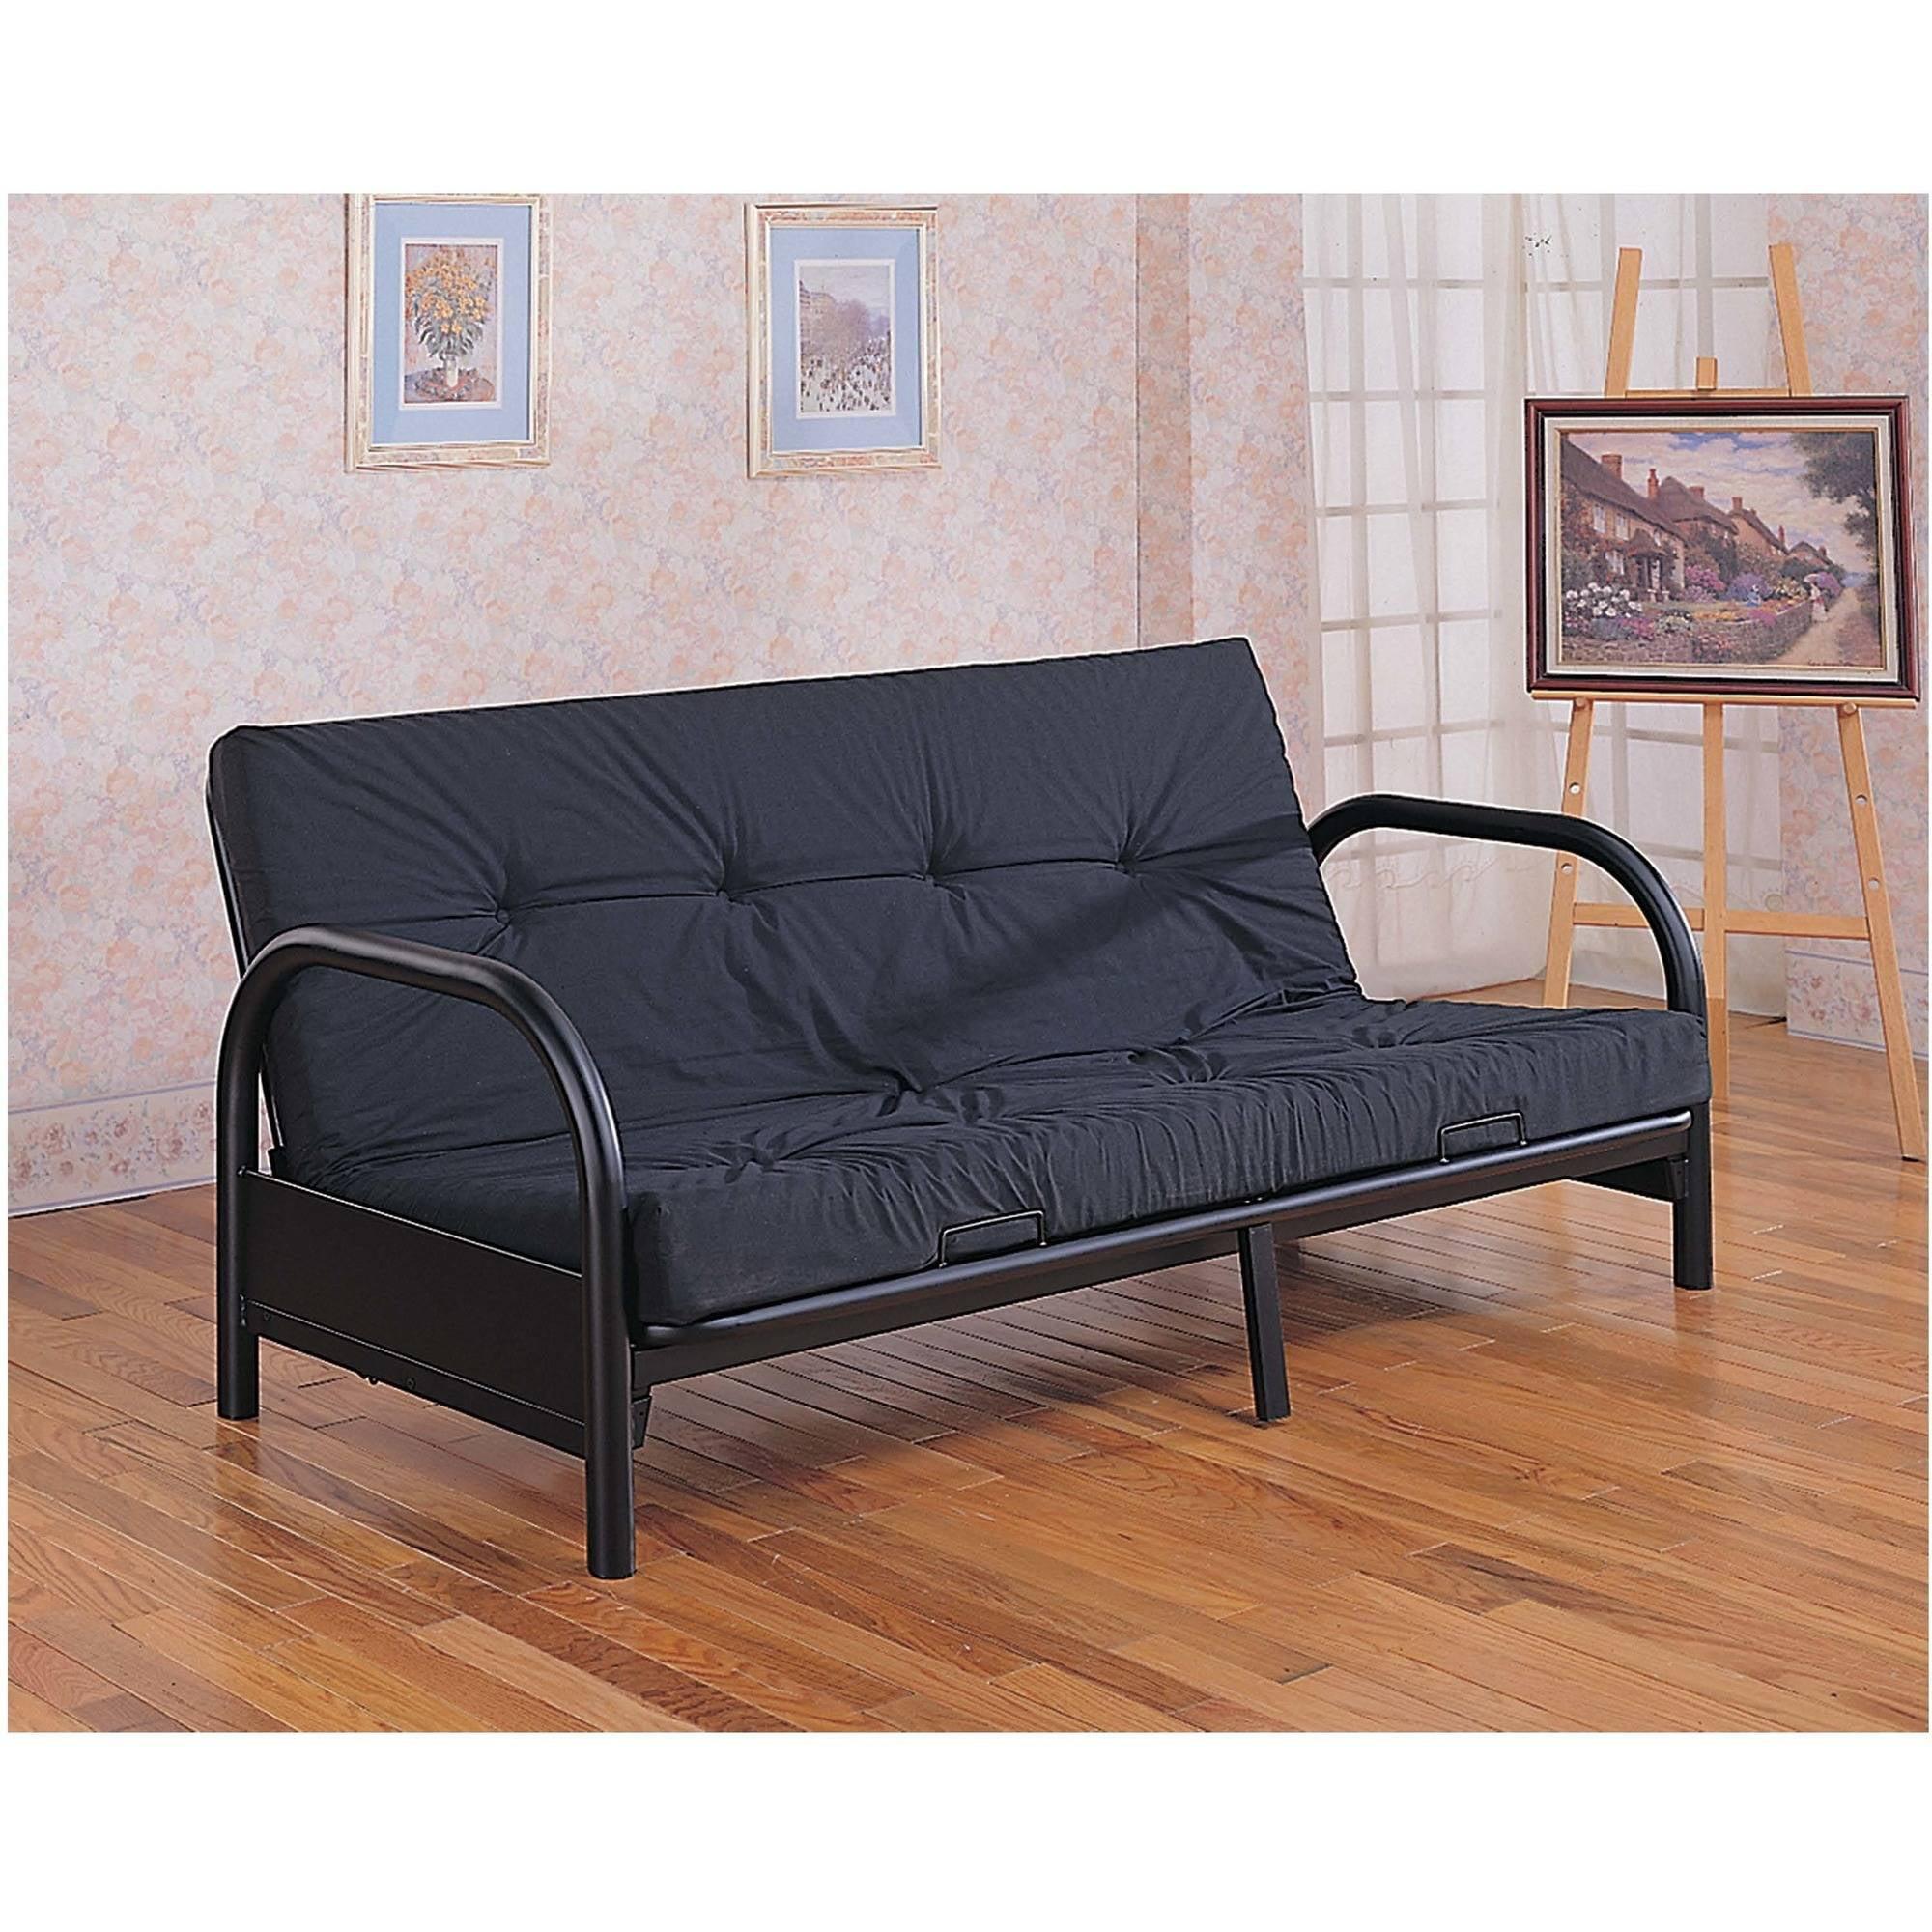 Coaster Company Futon Frame Seat Bed, Black by Coaster Company